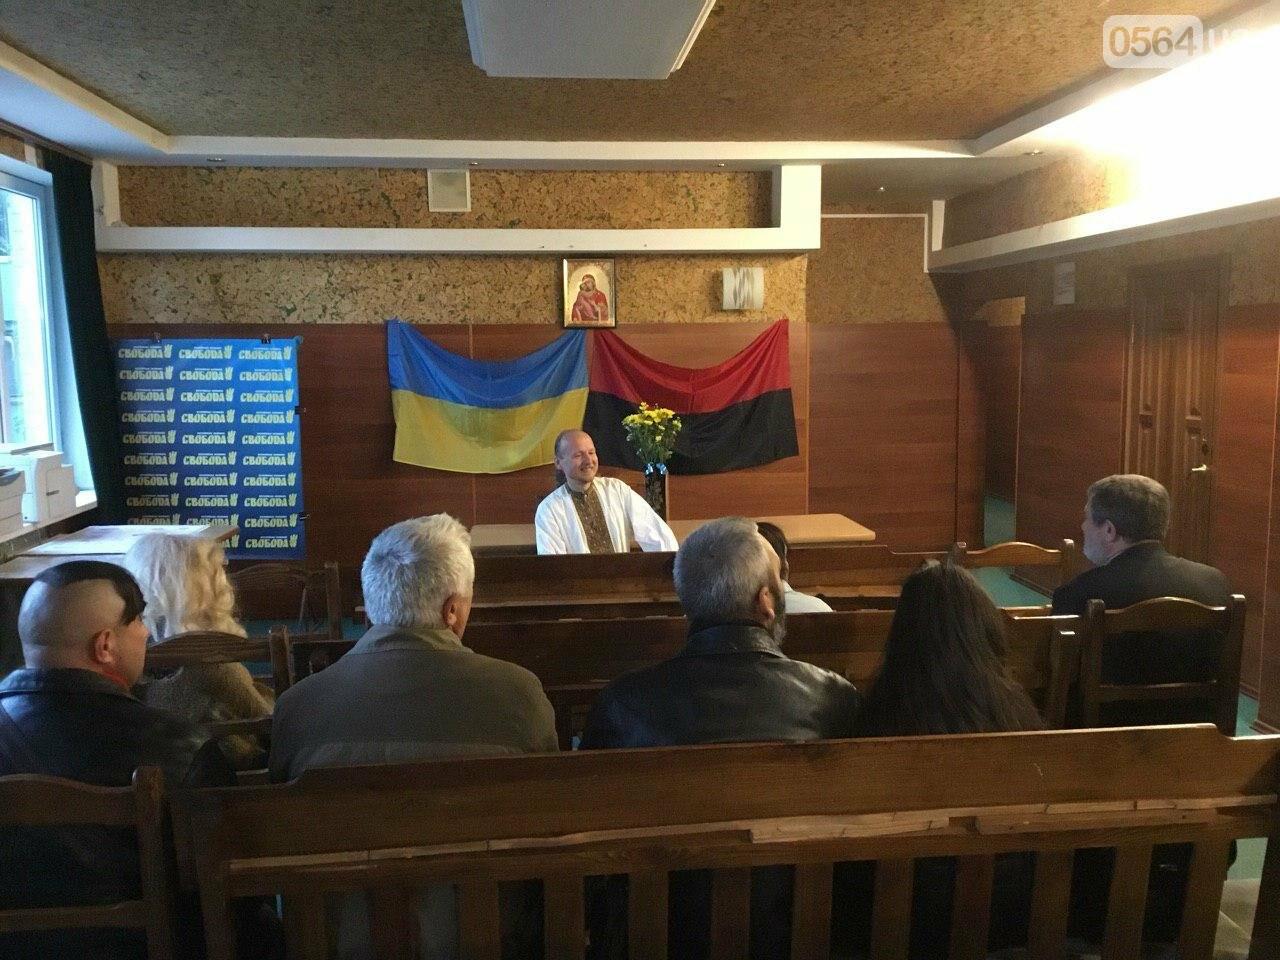 Известный украинский кобзарь выступил перед криворожанами, - ФОТО, ВИДЕО, фото-6